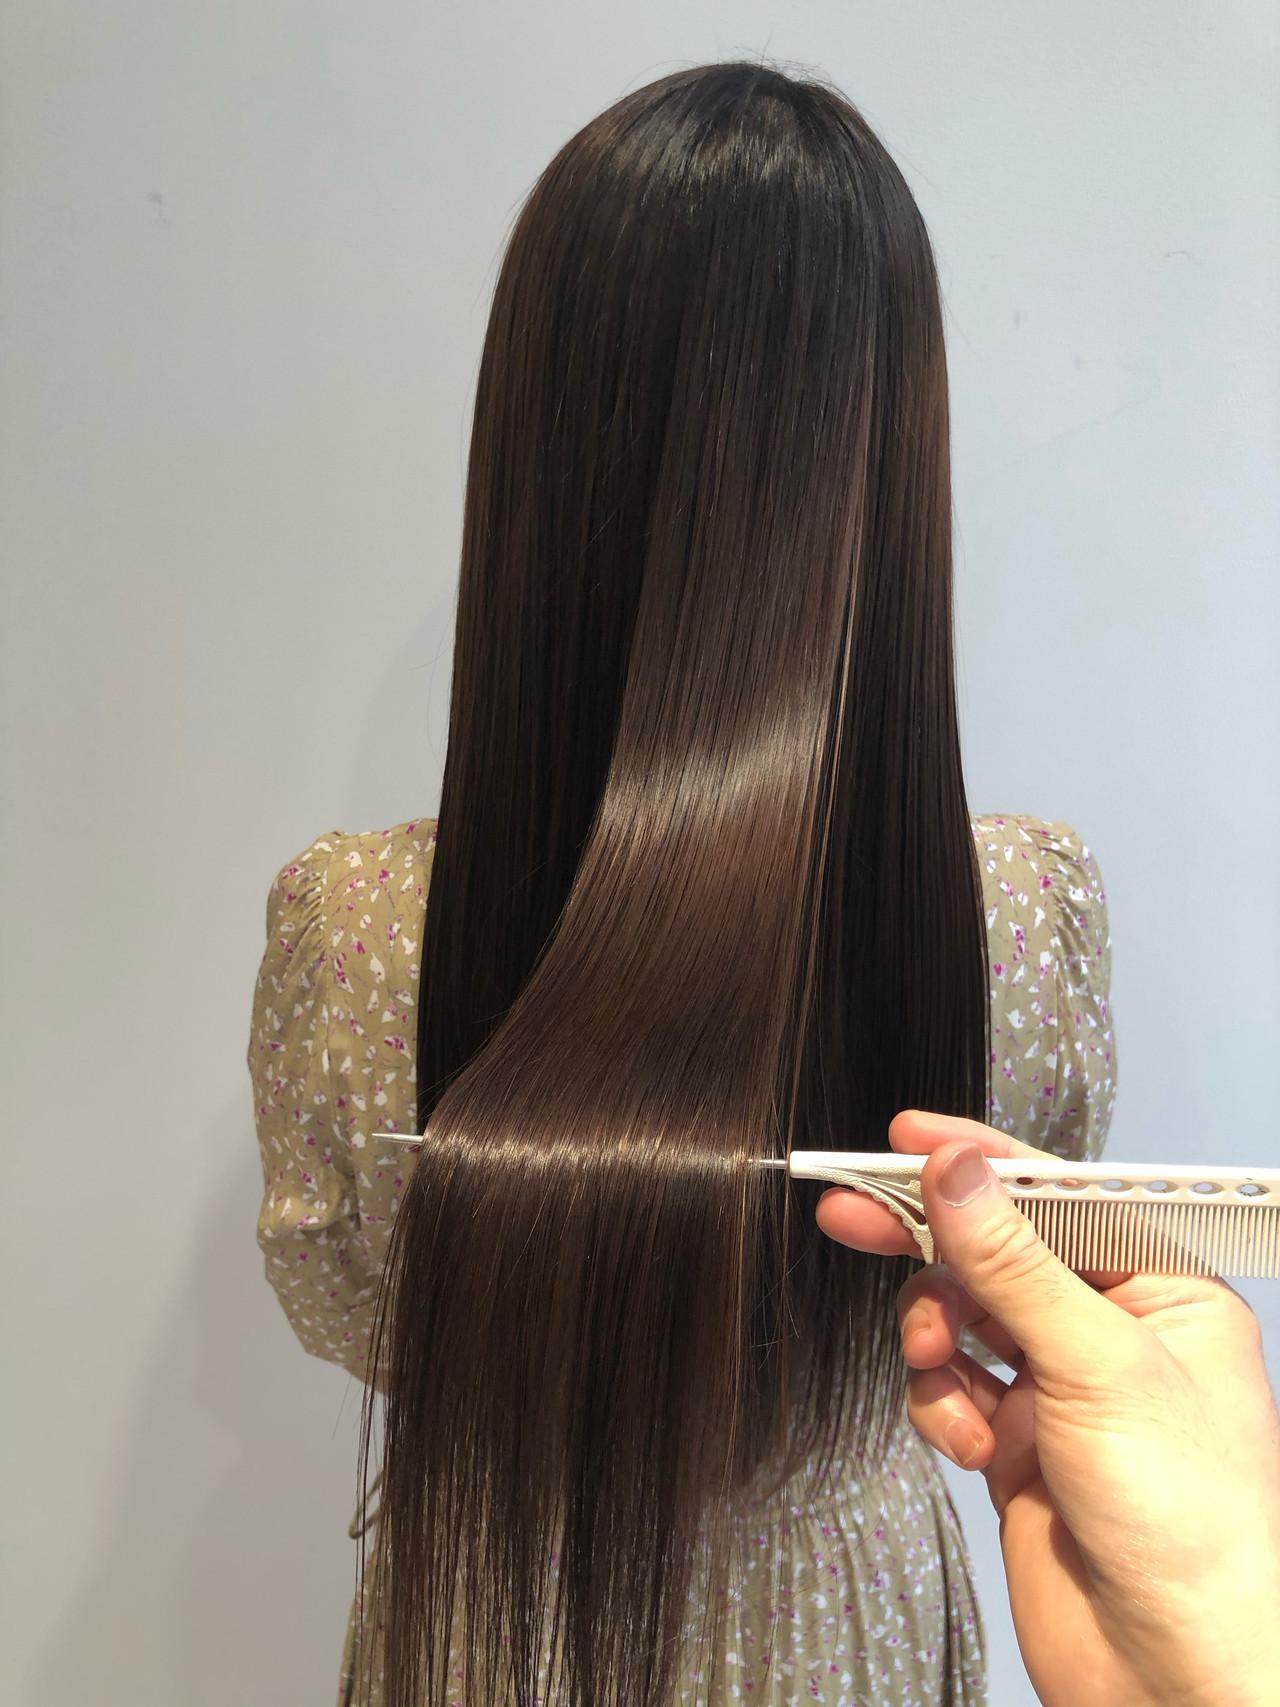 髪質改善 ロング 最新トリートメント ナチュラル ヘアスタイルや髪型の写真・画像